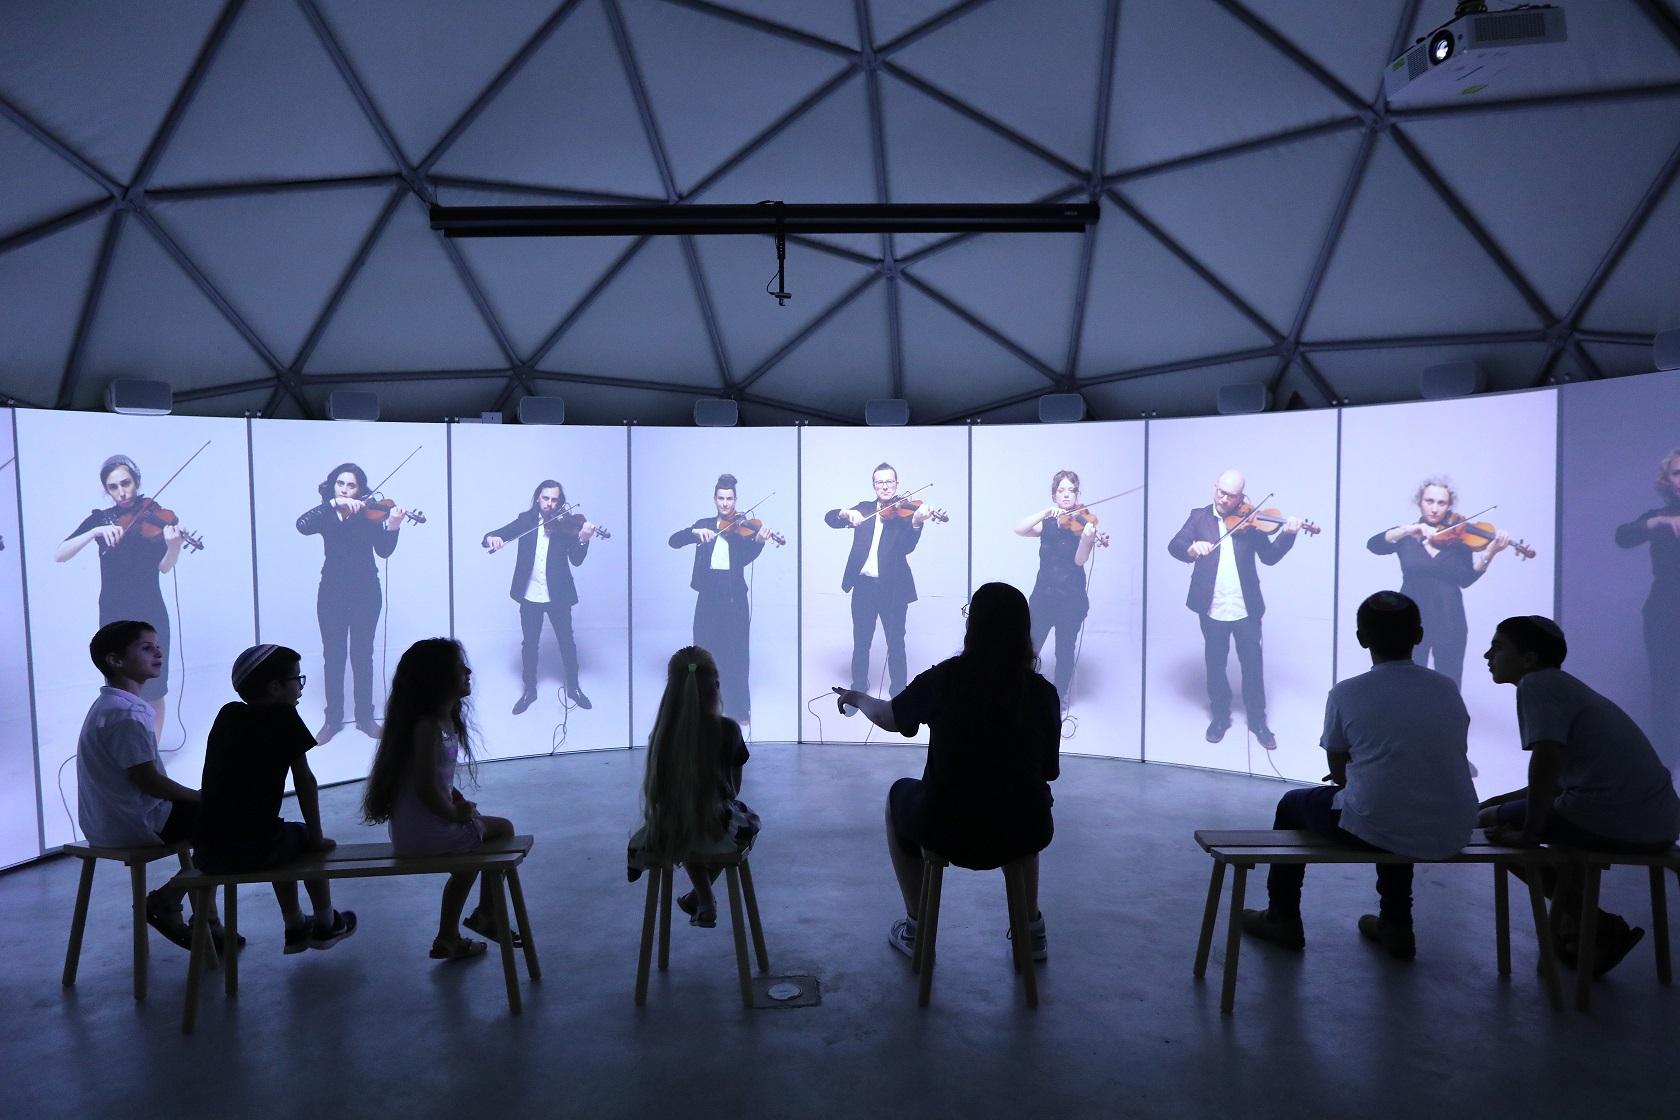 מוזיאון חדש לננו טכנולוגיה לילדים ונוער